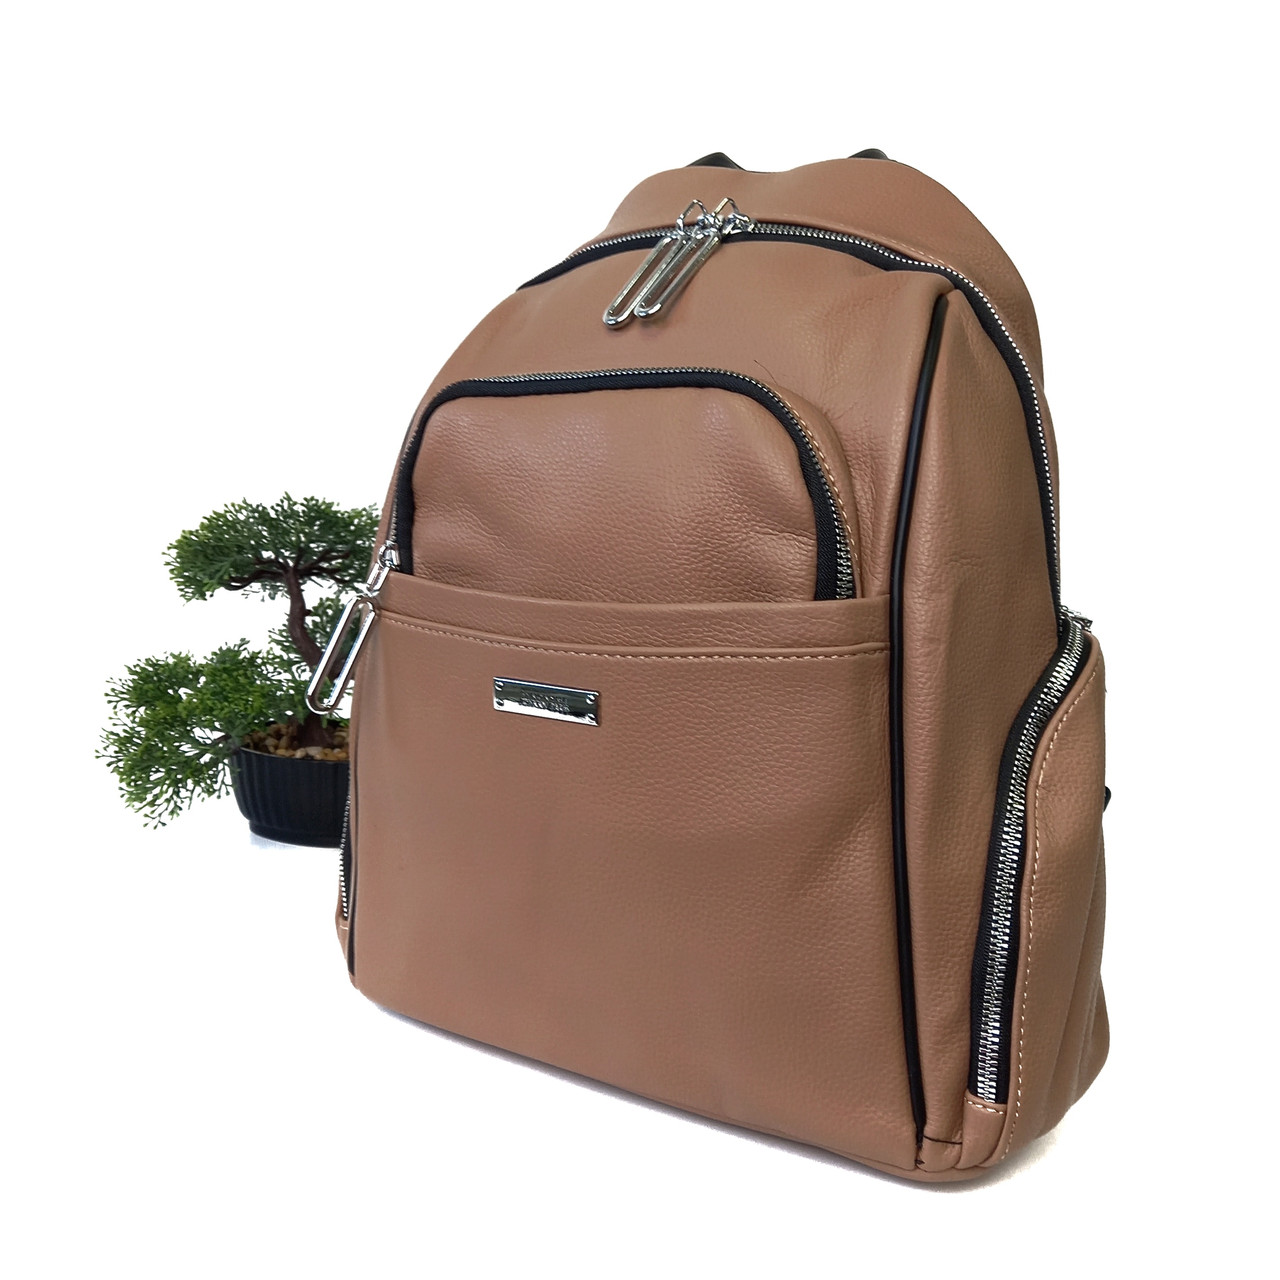 Рюкзак для дівчини штучна шкіра беж Арт.BRL-9057 khaki Johnny (Китай)